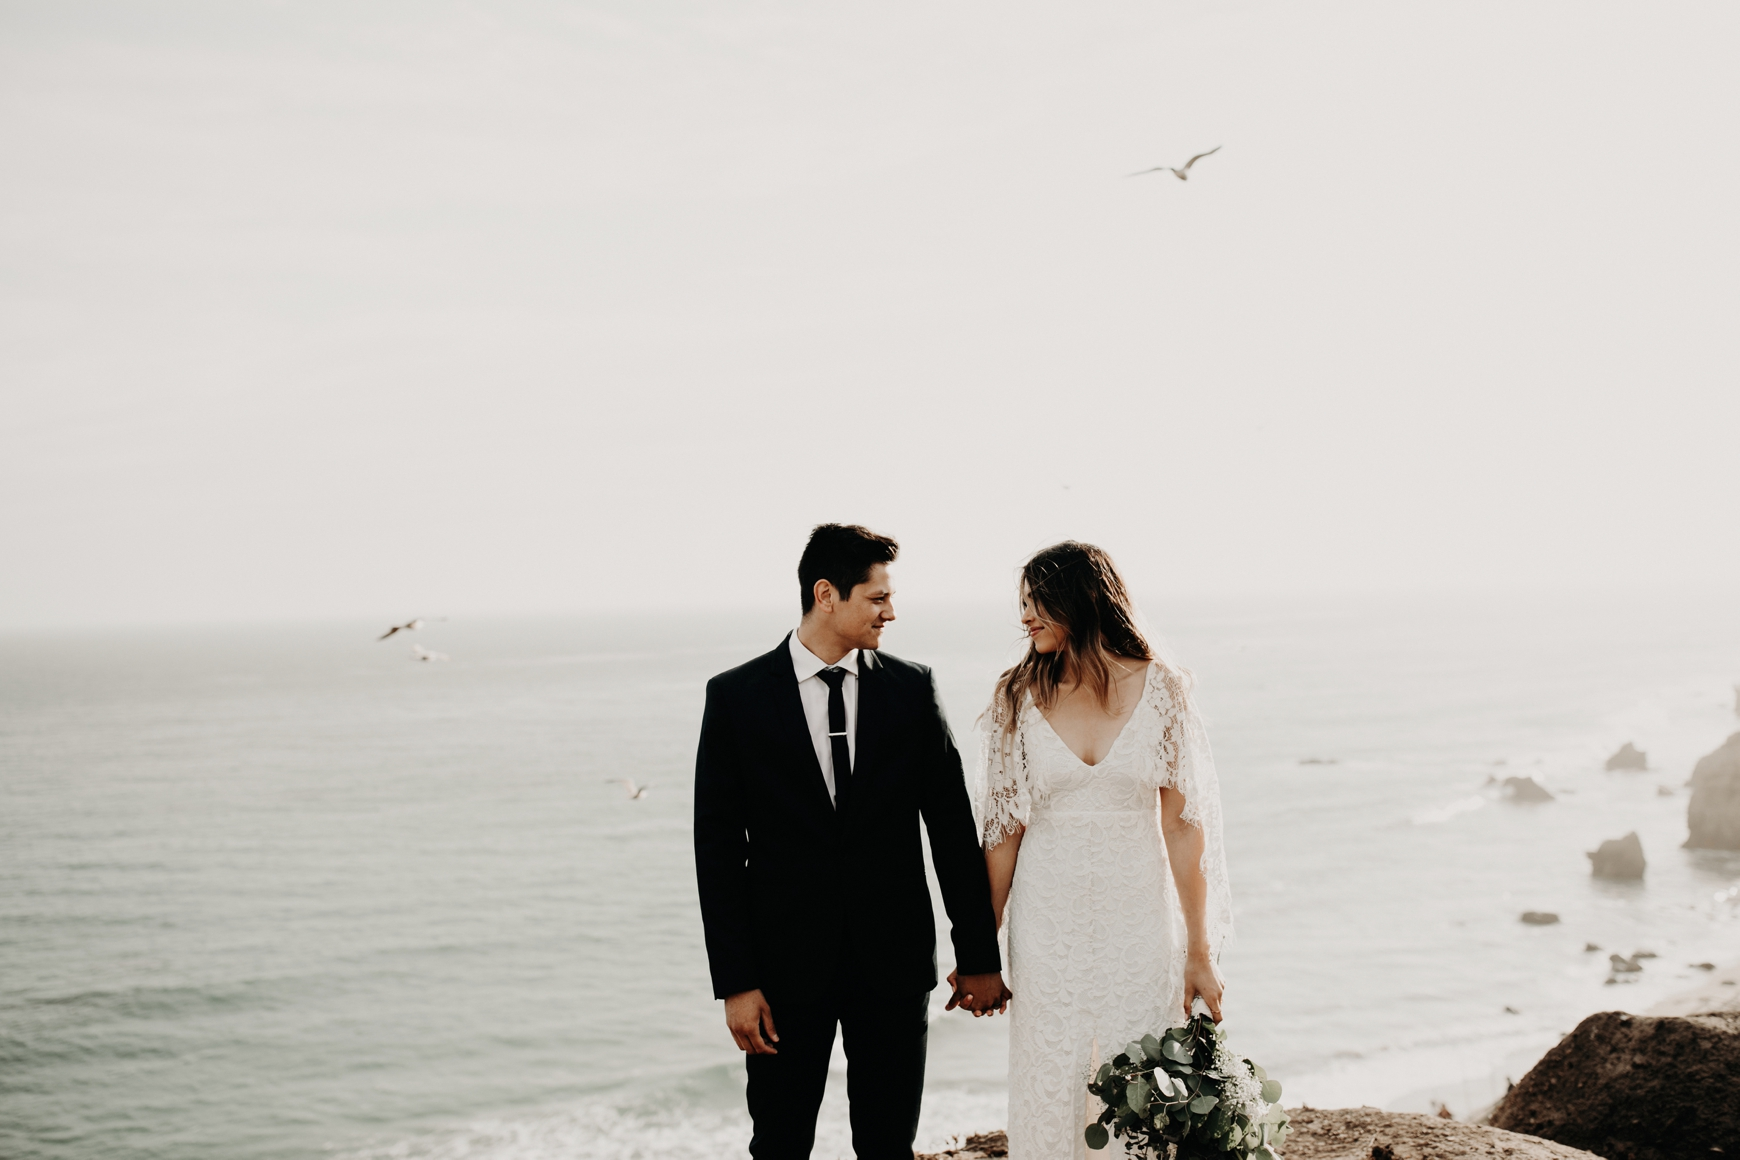 El Matador Beach Bridal Portraits Justellen & TJ Emily Magers Photography-116Emily Magers Photography.jpg